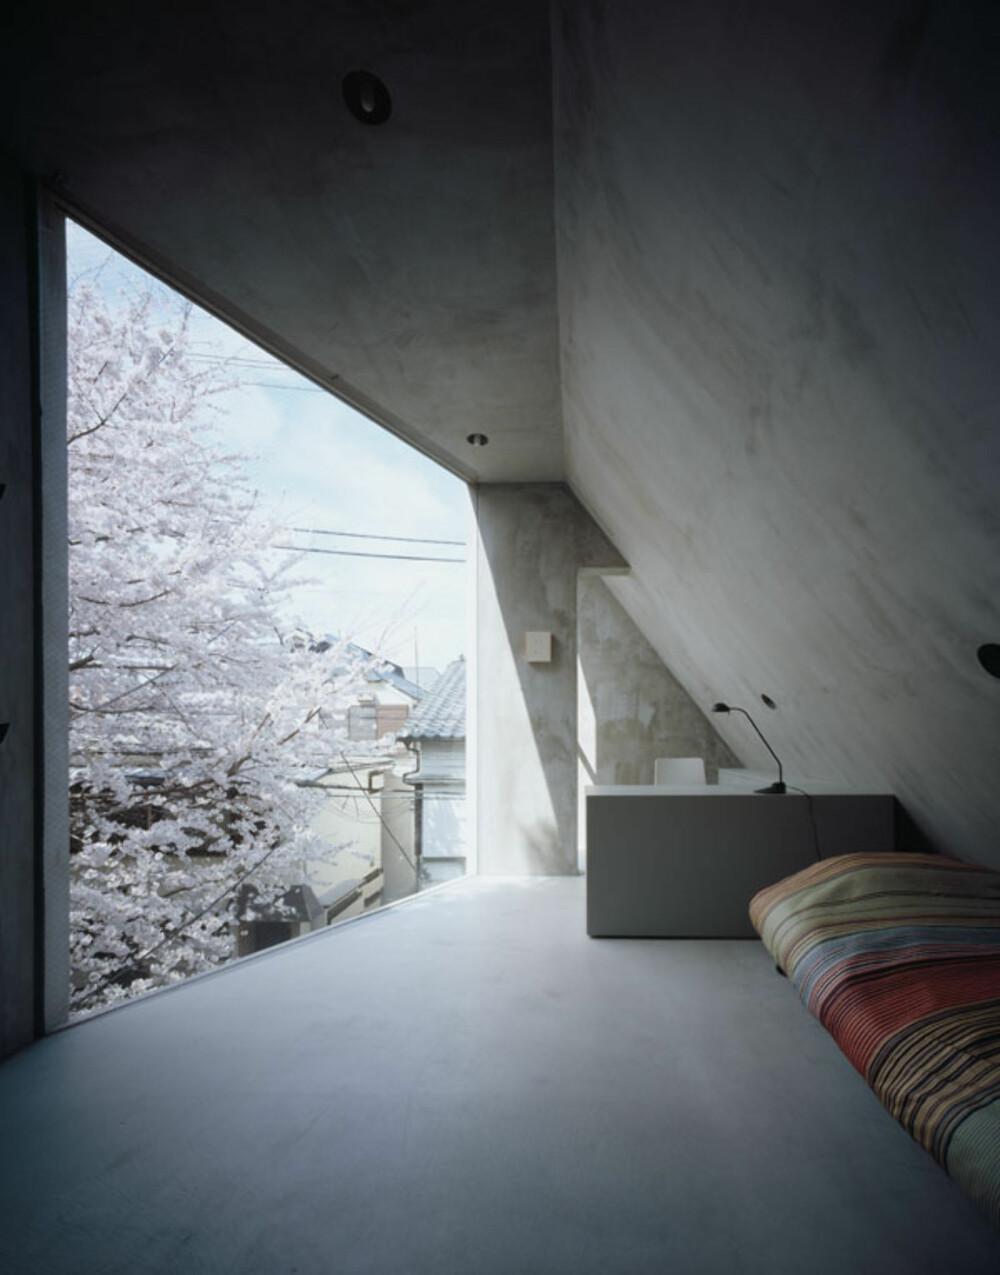 KOMPAKT: På soverommet er det også utsikten som får lov til å være det største blikkfanget.